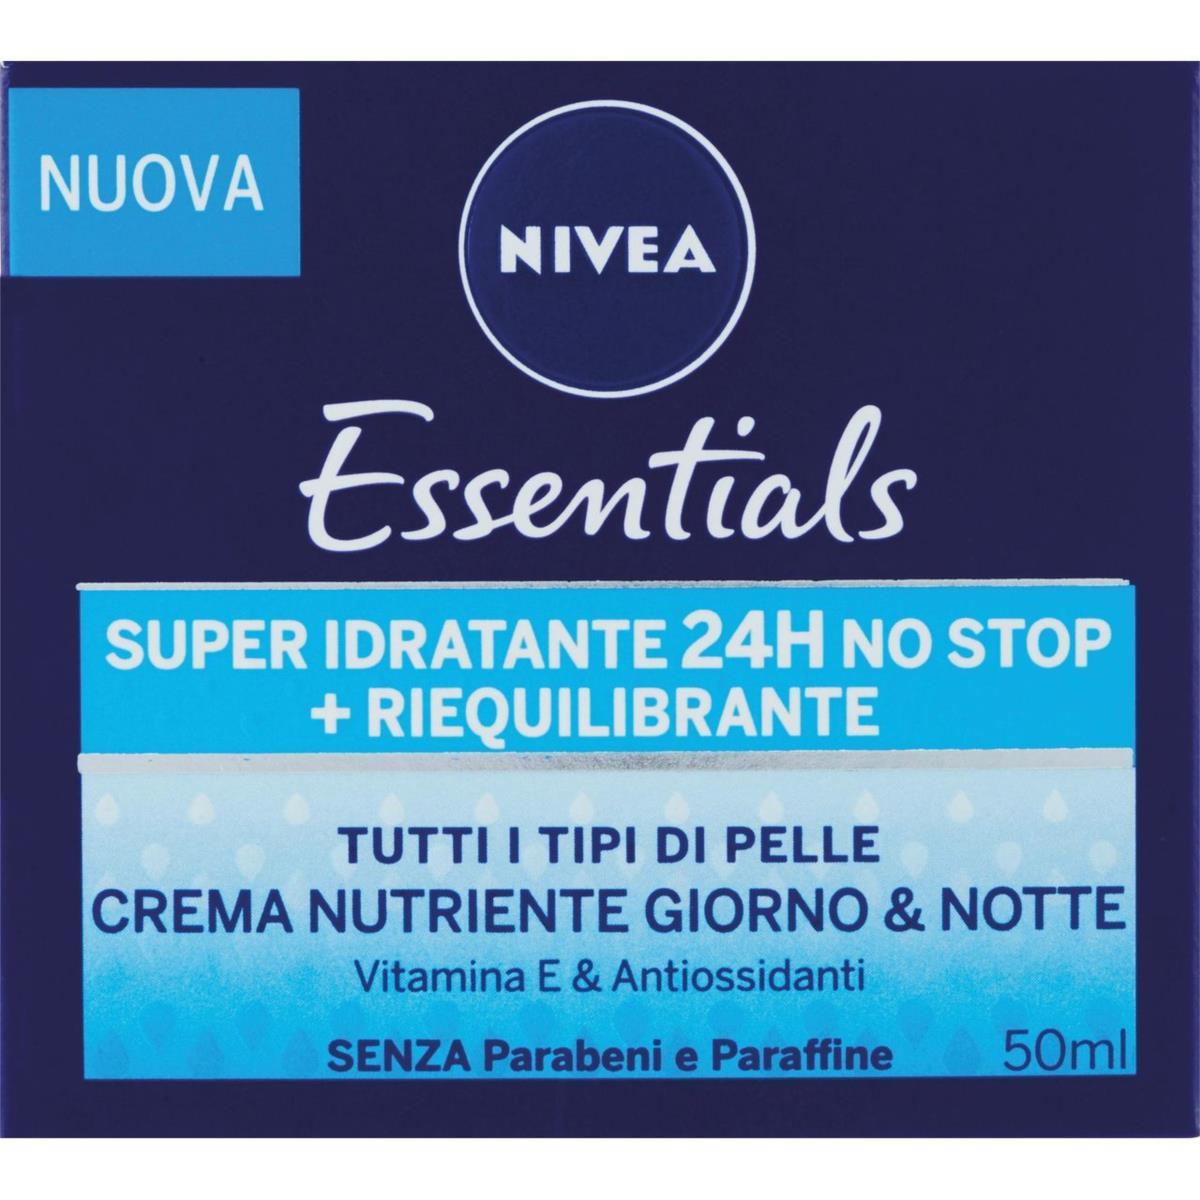 Nivea Essentials Super Idratante 24H No Stop + Riequilibrante Crema Nutriente Giorno & Notte 50 ml